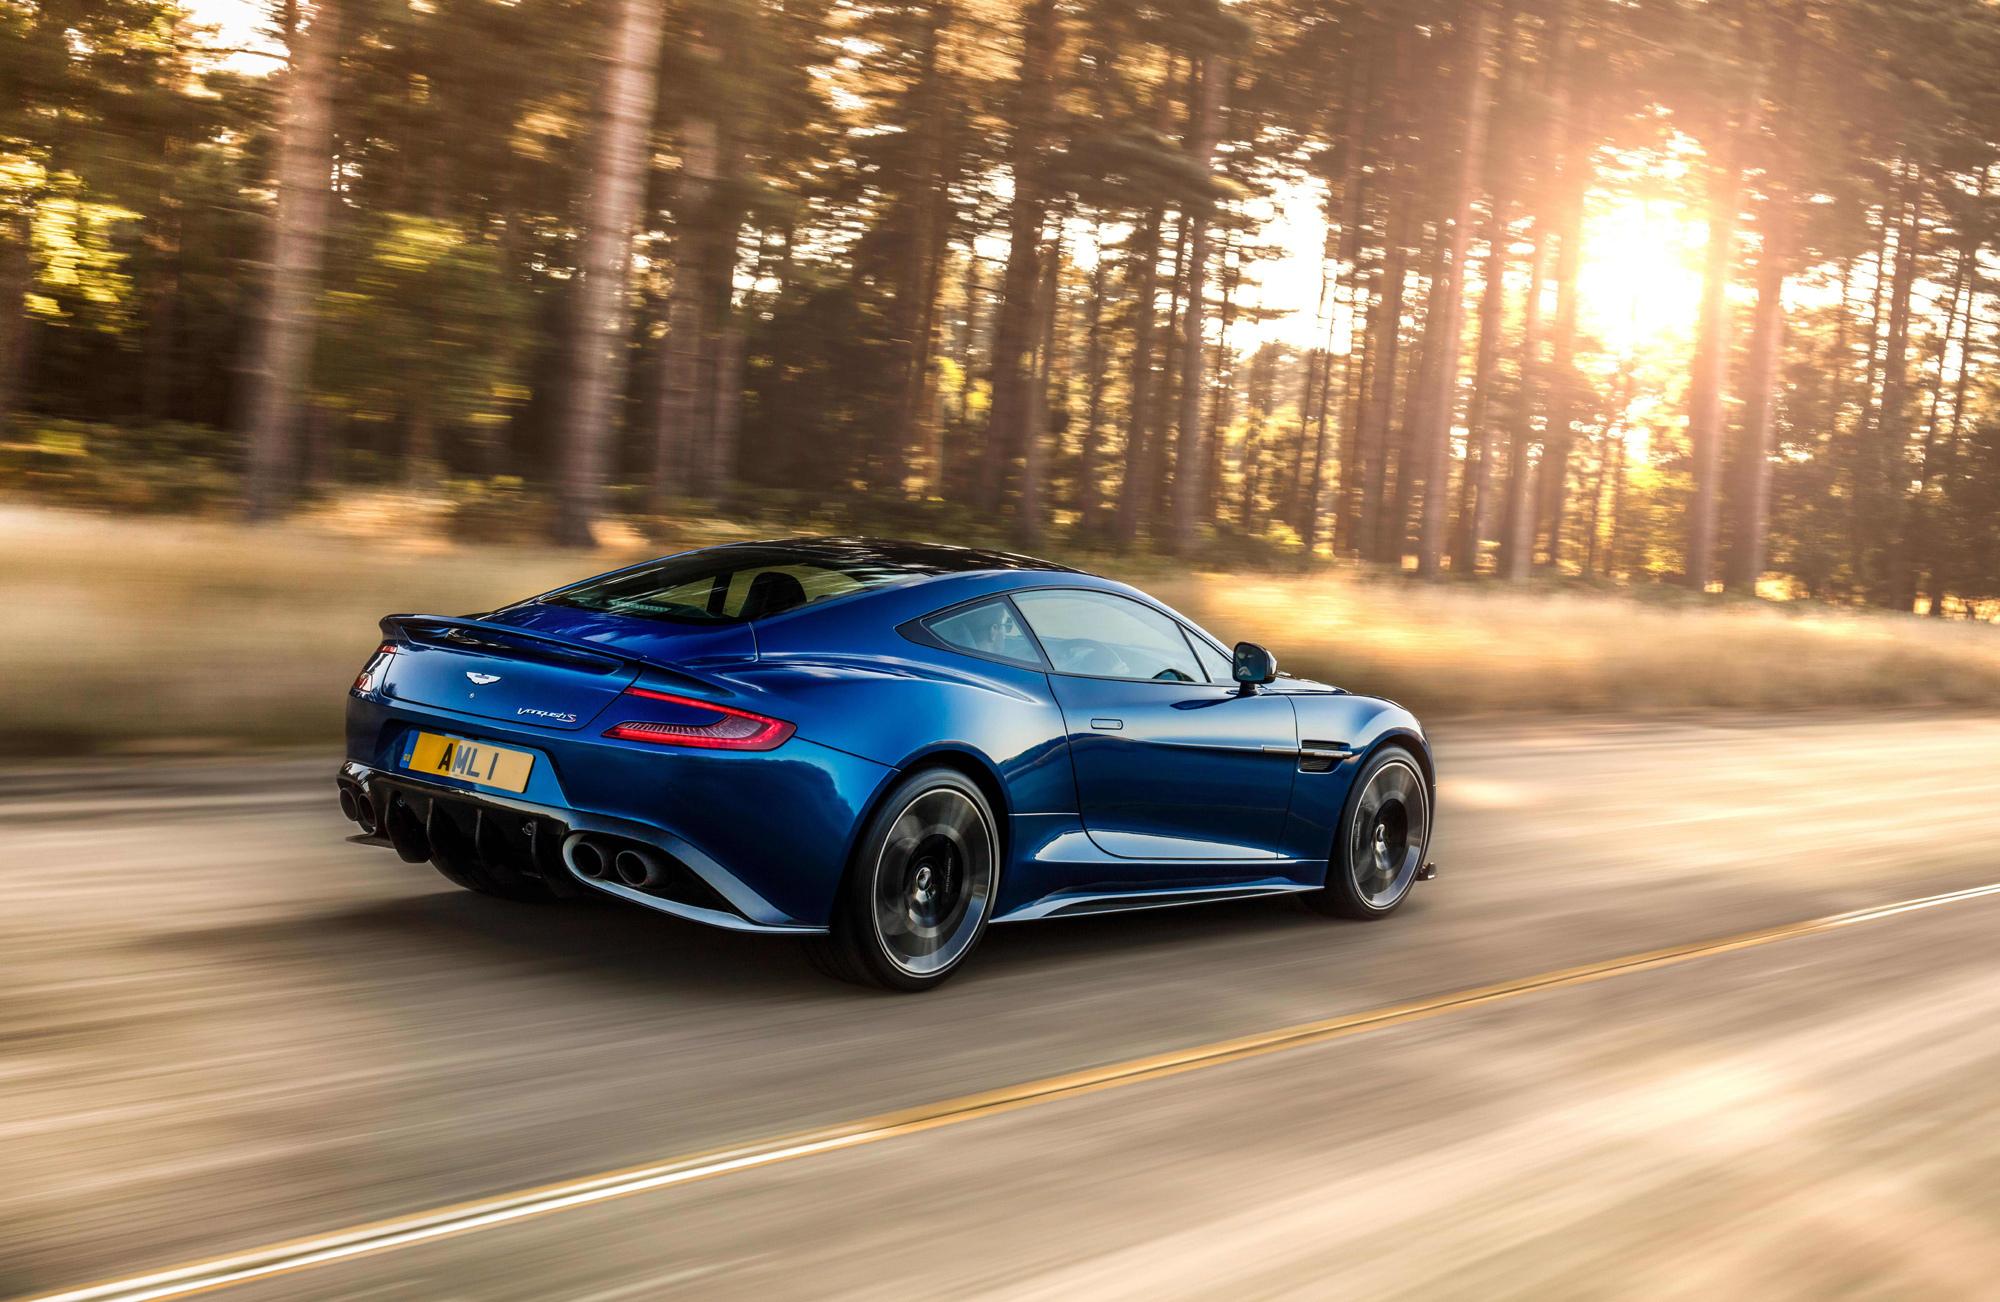 Aston Martin Vanquish S Pictures